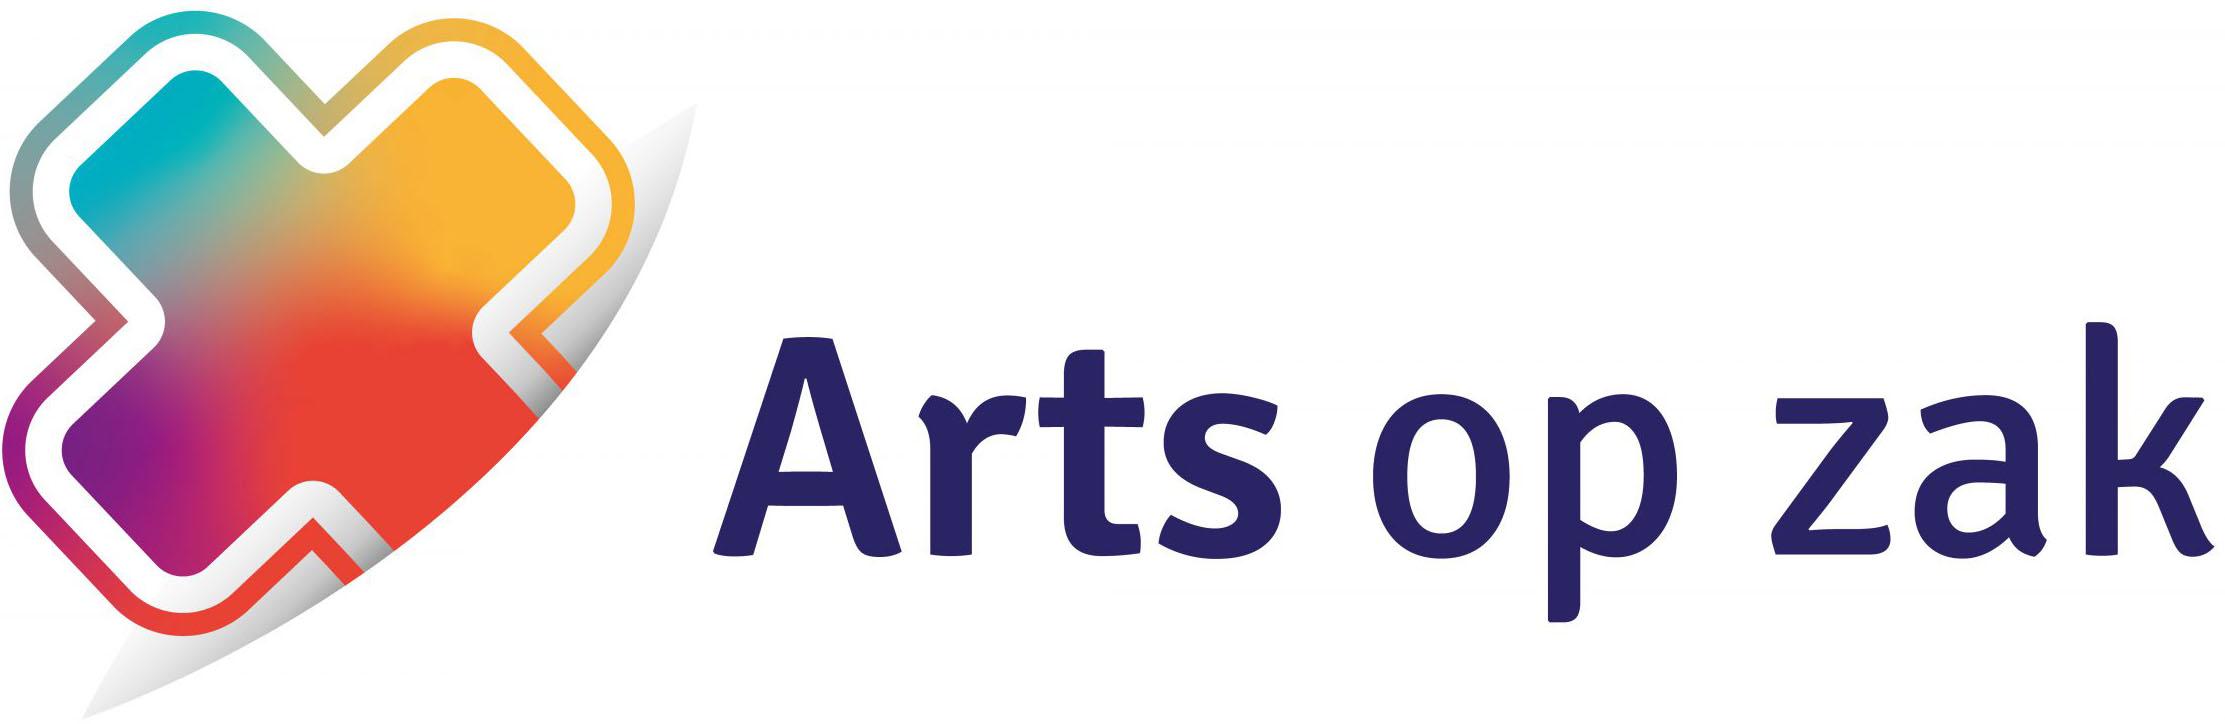 Arts op zak logo